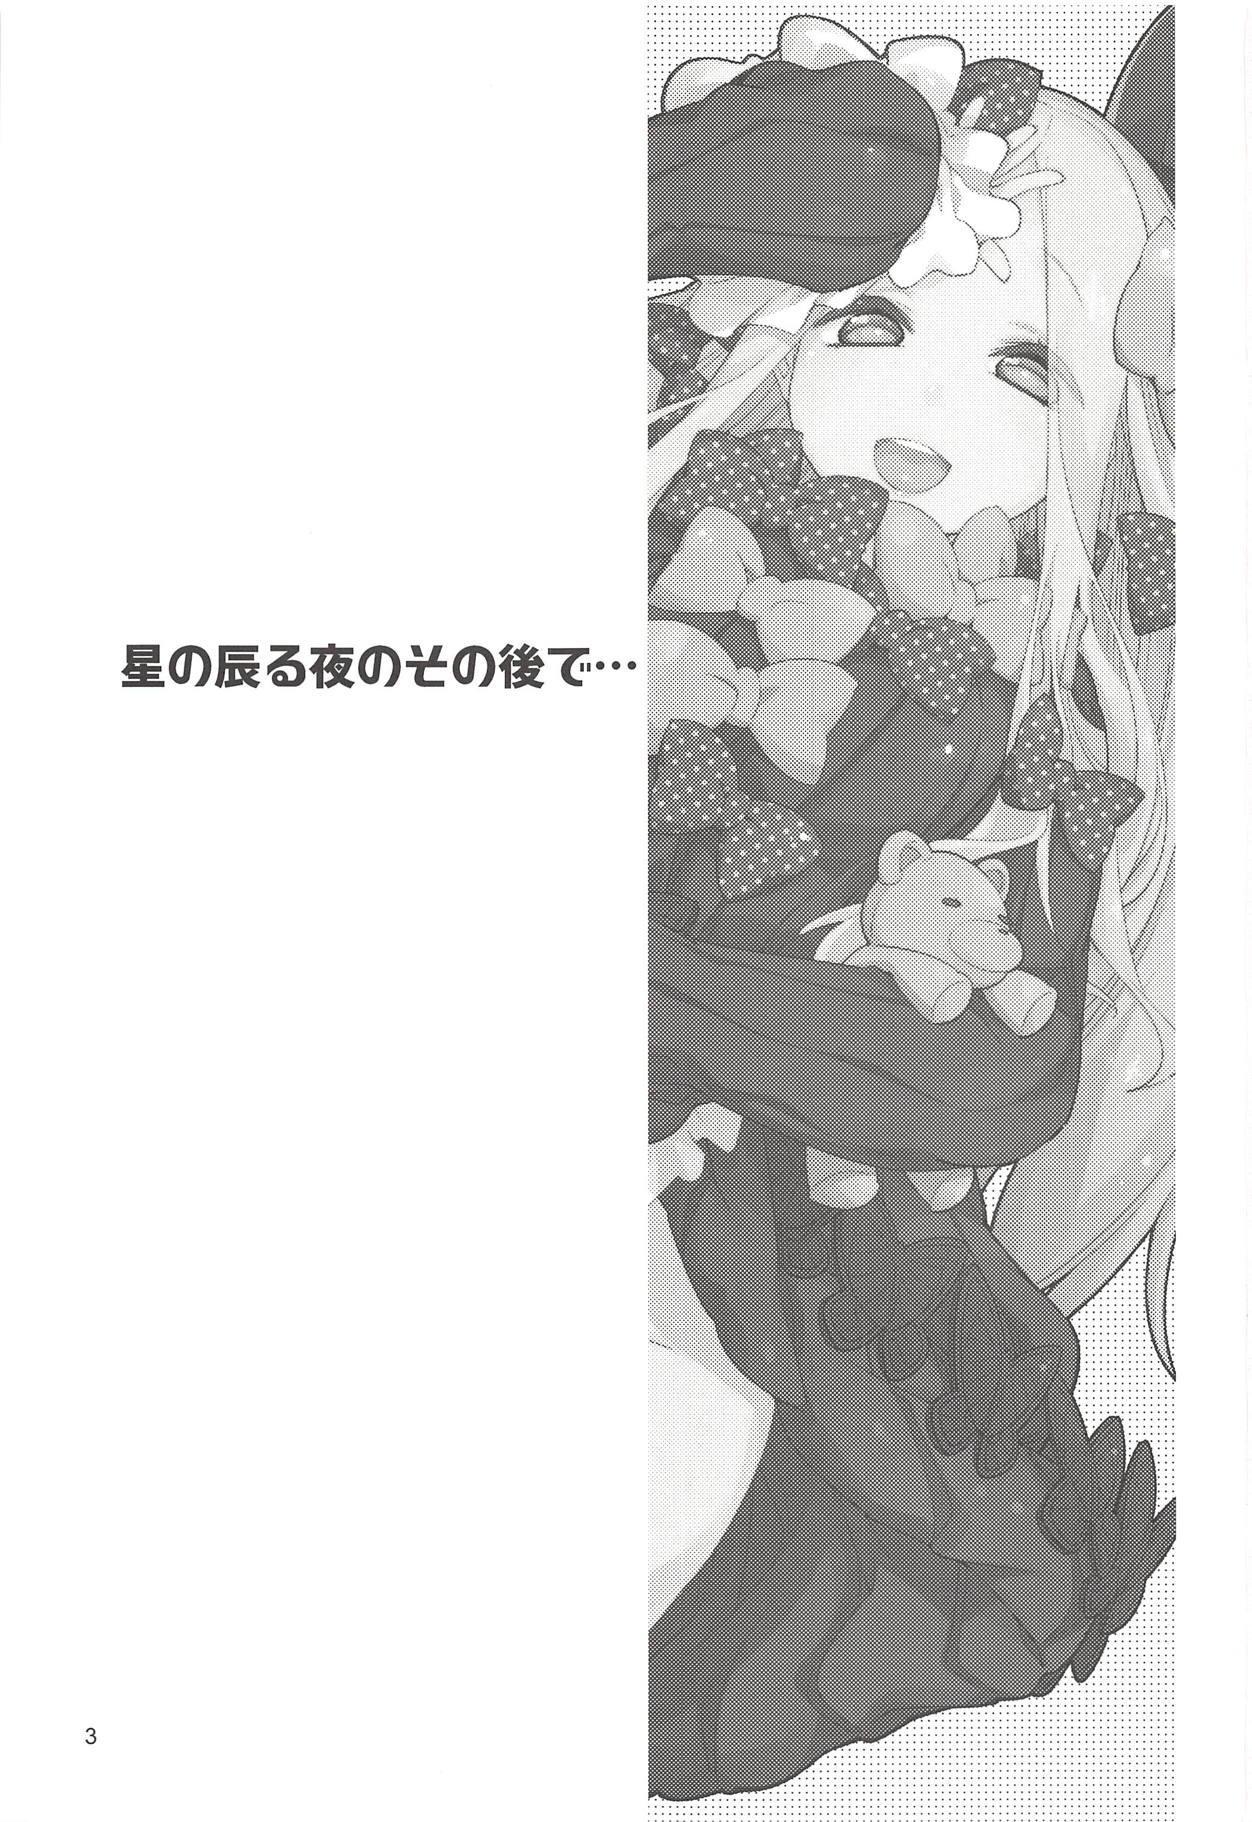 Hoshi no Furu Yo no Sono Ato de... 1